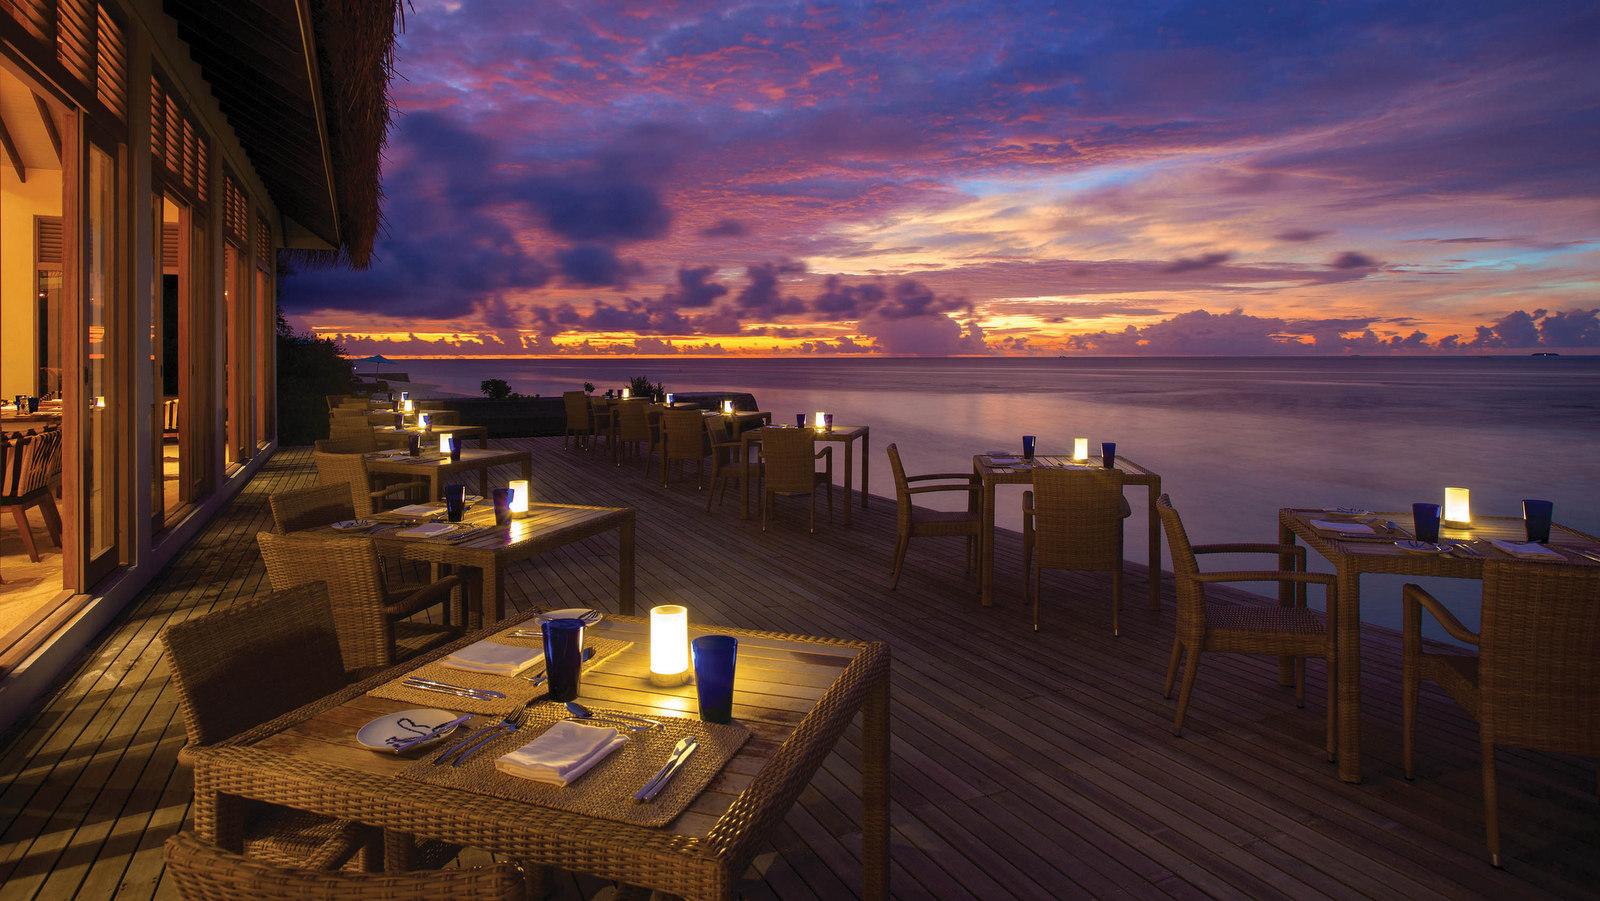 Мальдивы, отель OBLU by Atmosphere at Helengeli, ресторан